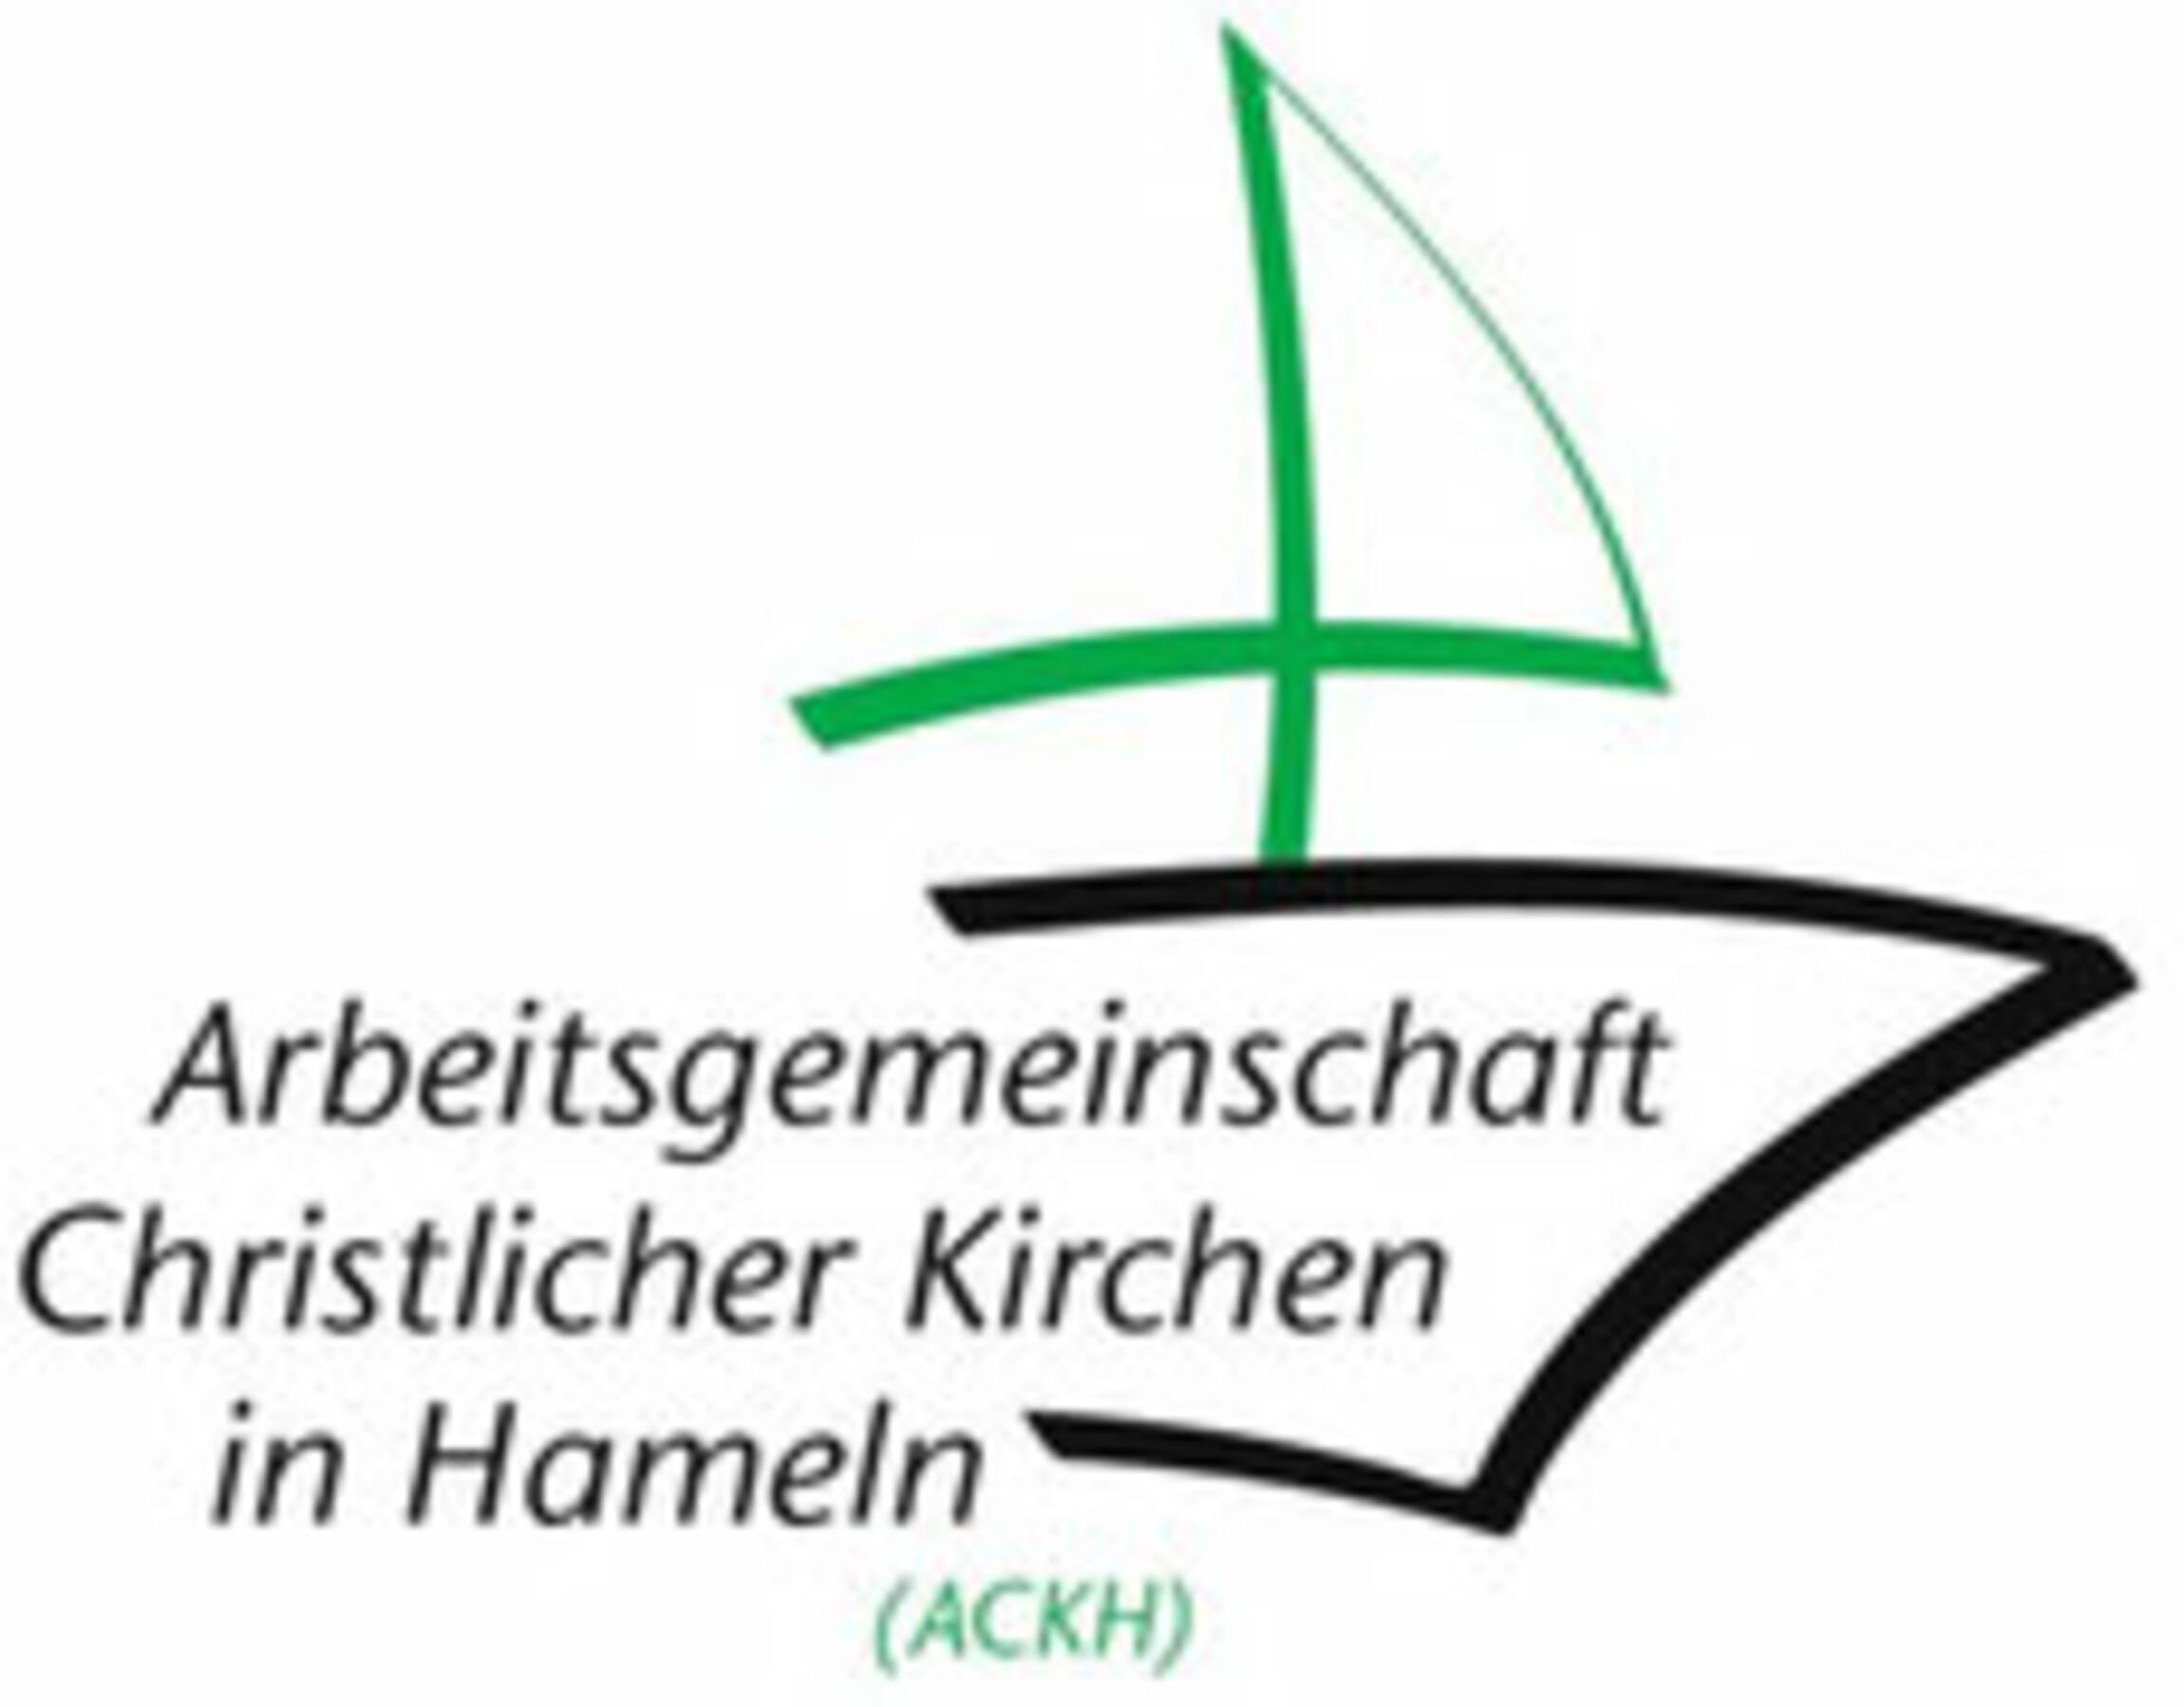 LOGO Arbeitskreis Christlicher Kirchen in Hameln